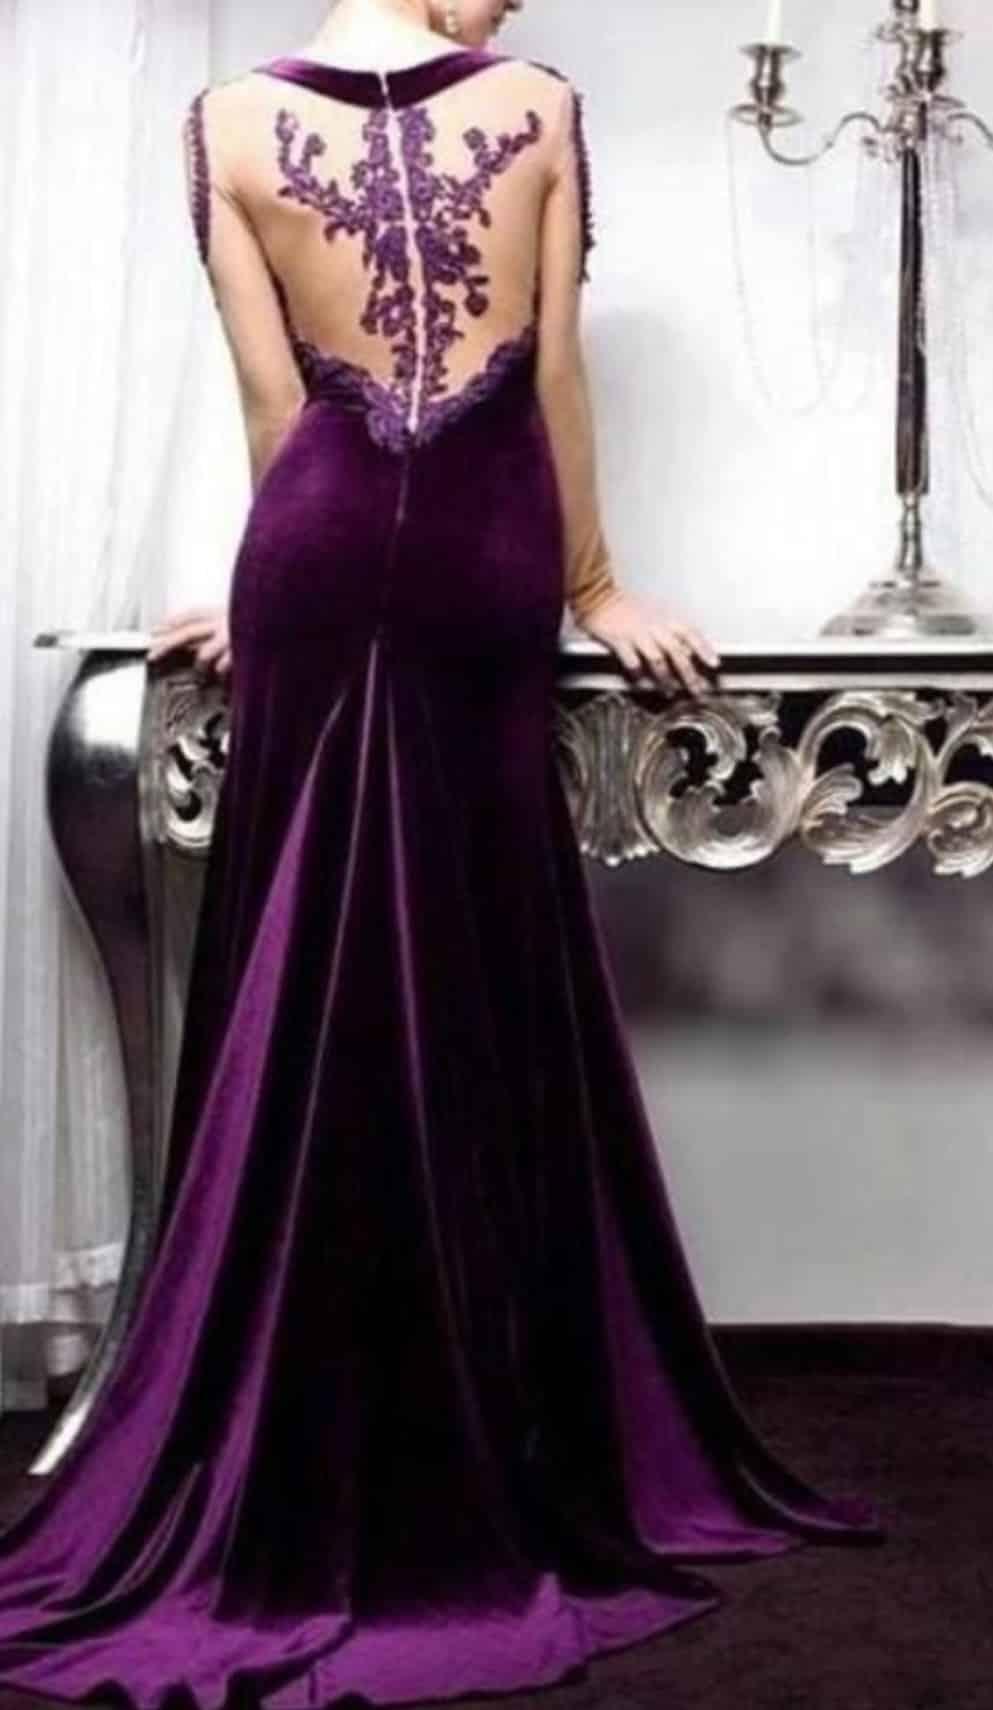 صور أجدد تصميمات لفساتين قطيفة للسهرة منوعة